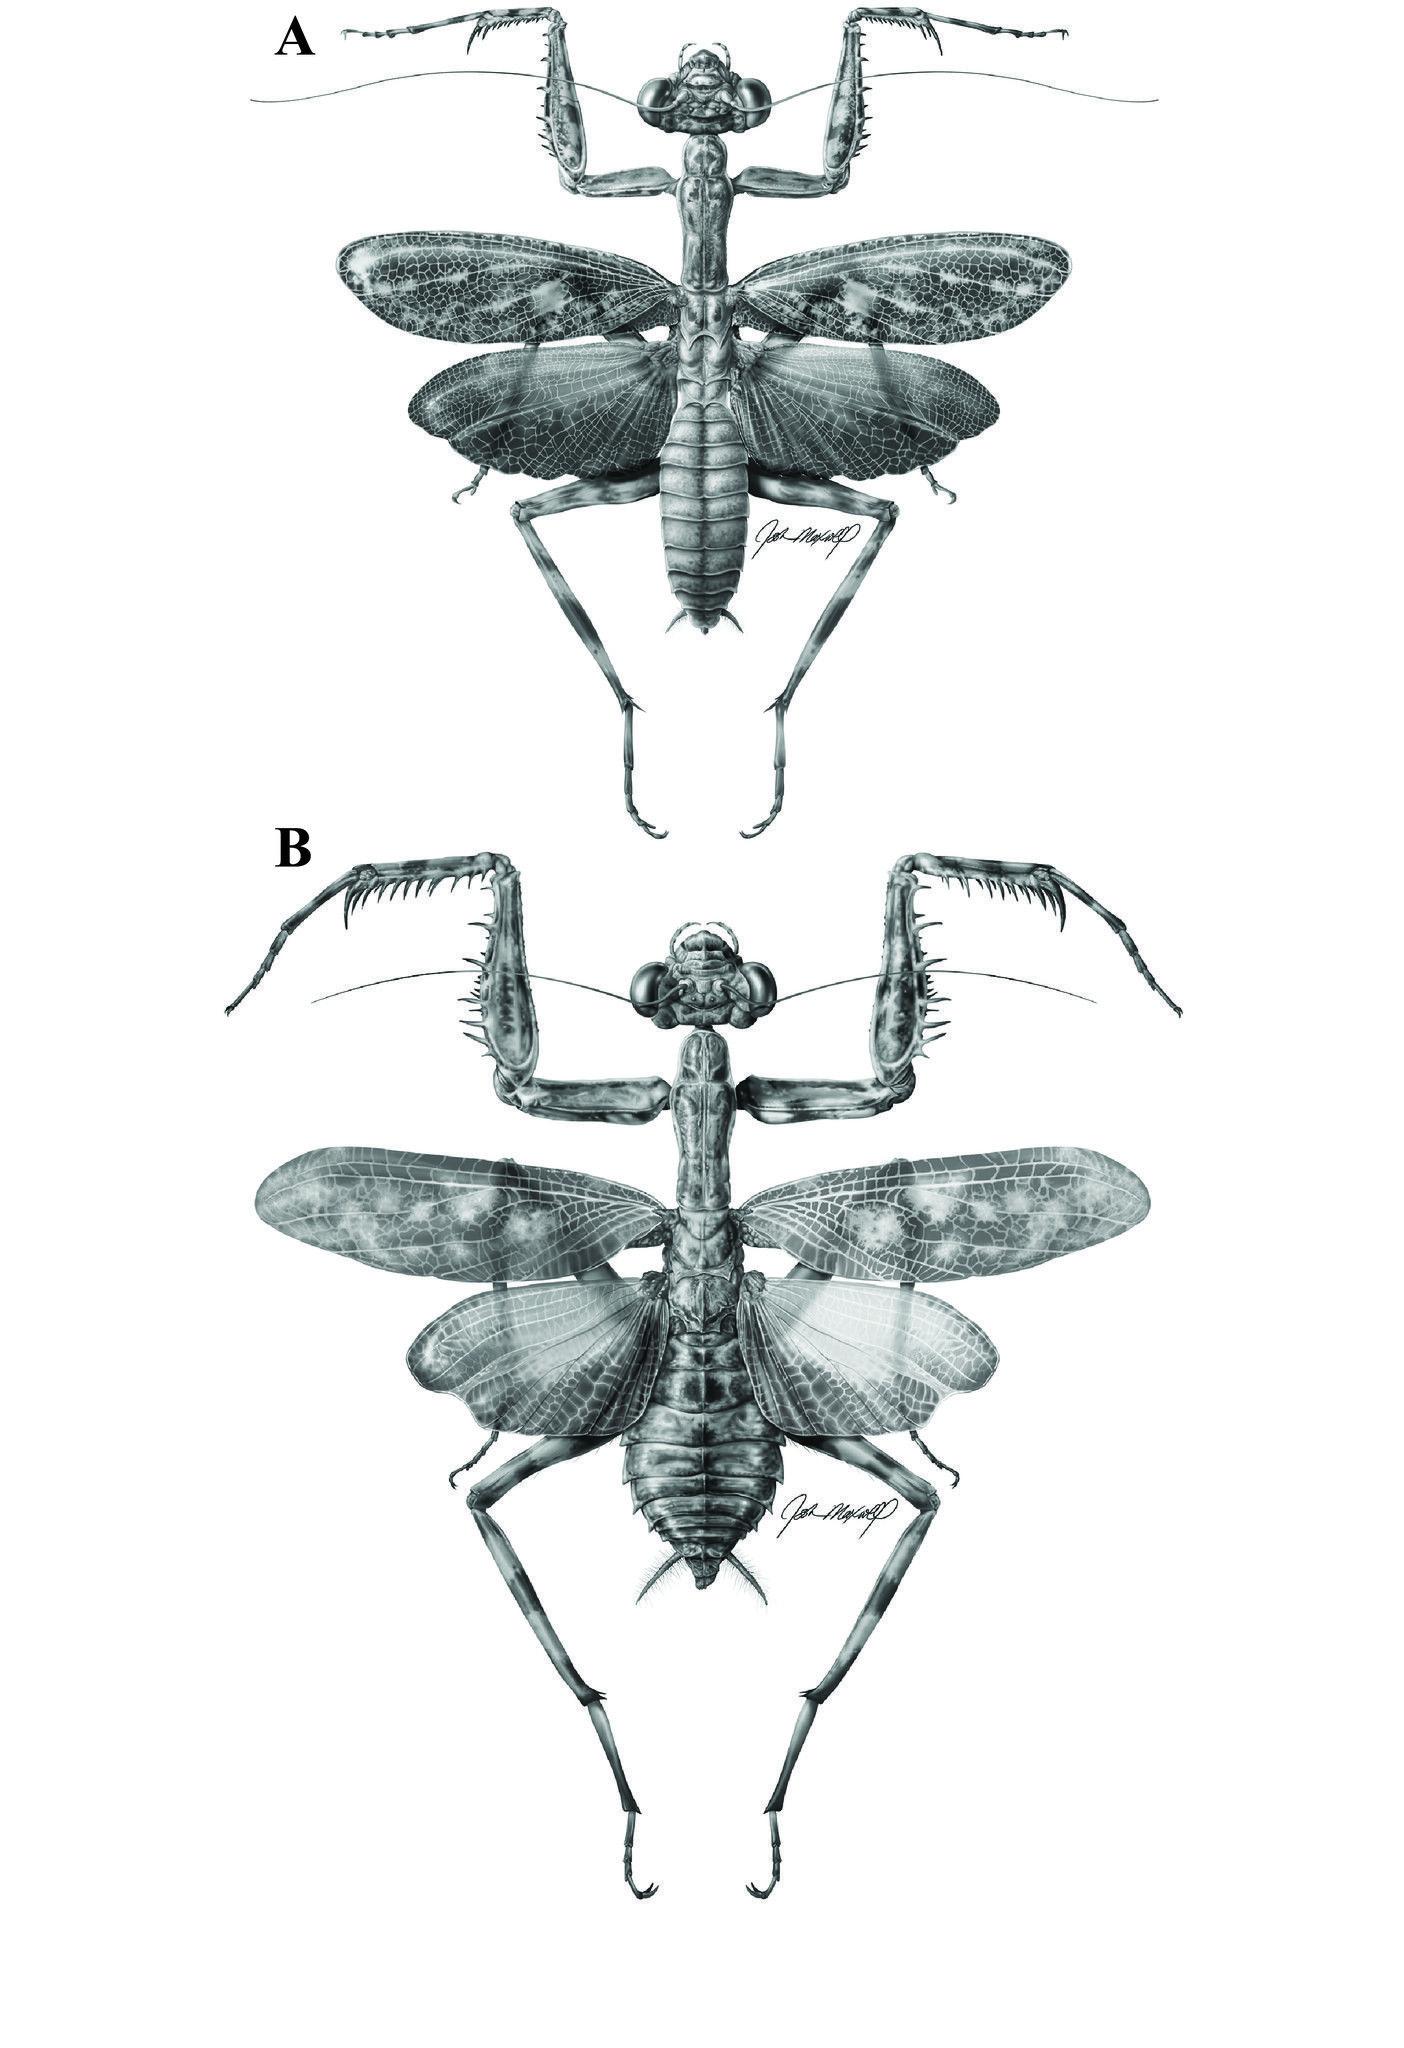 New praying mantis Liturgusa fossetti | Pinterest | Praying mantis